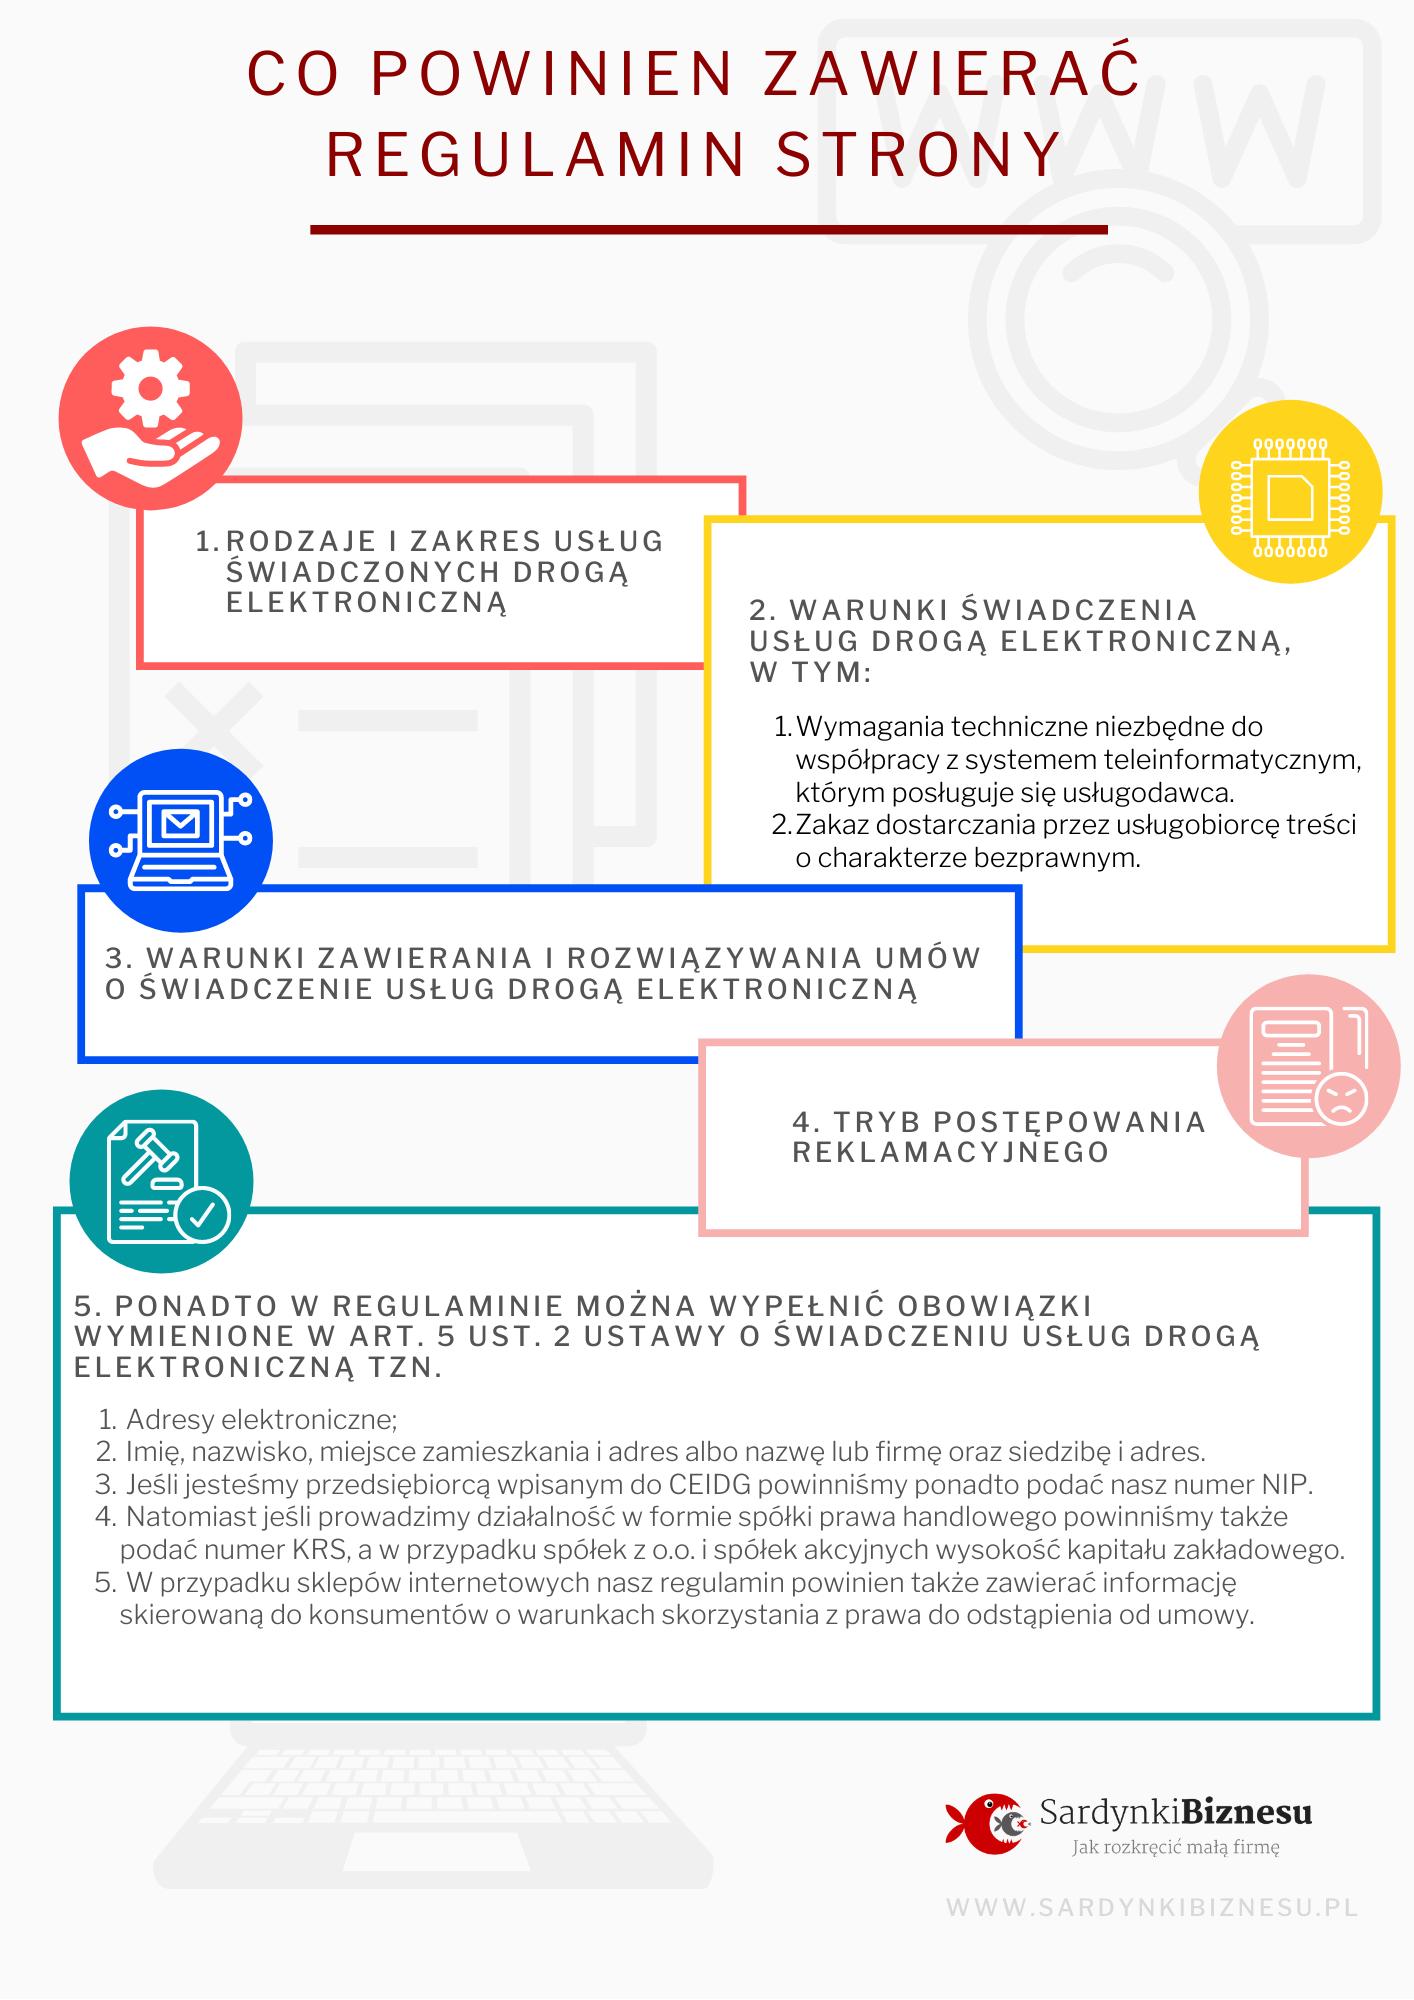 najważniejsze rzeczy jakie powinny się znaleźć w regulaminie strony www zgodnym z RODO - infografika